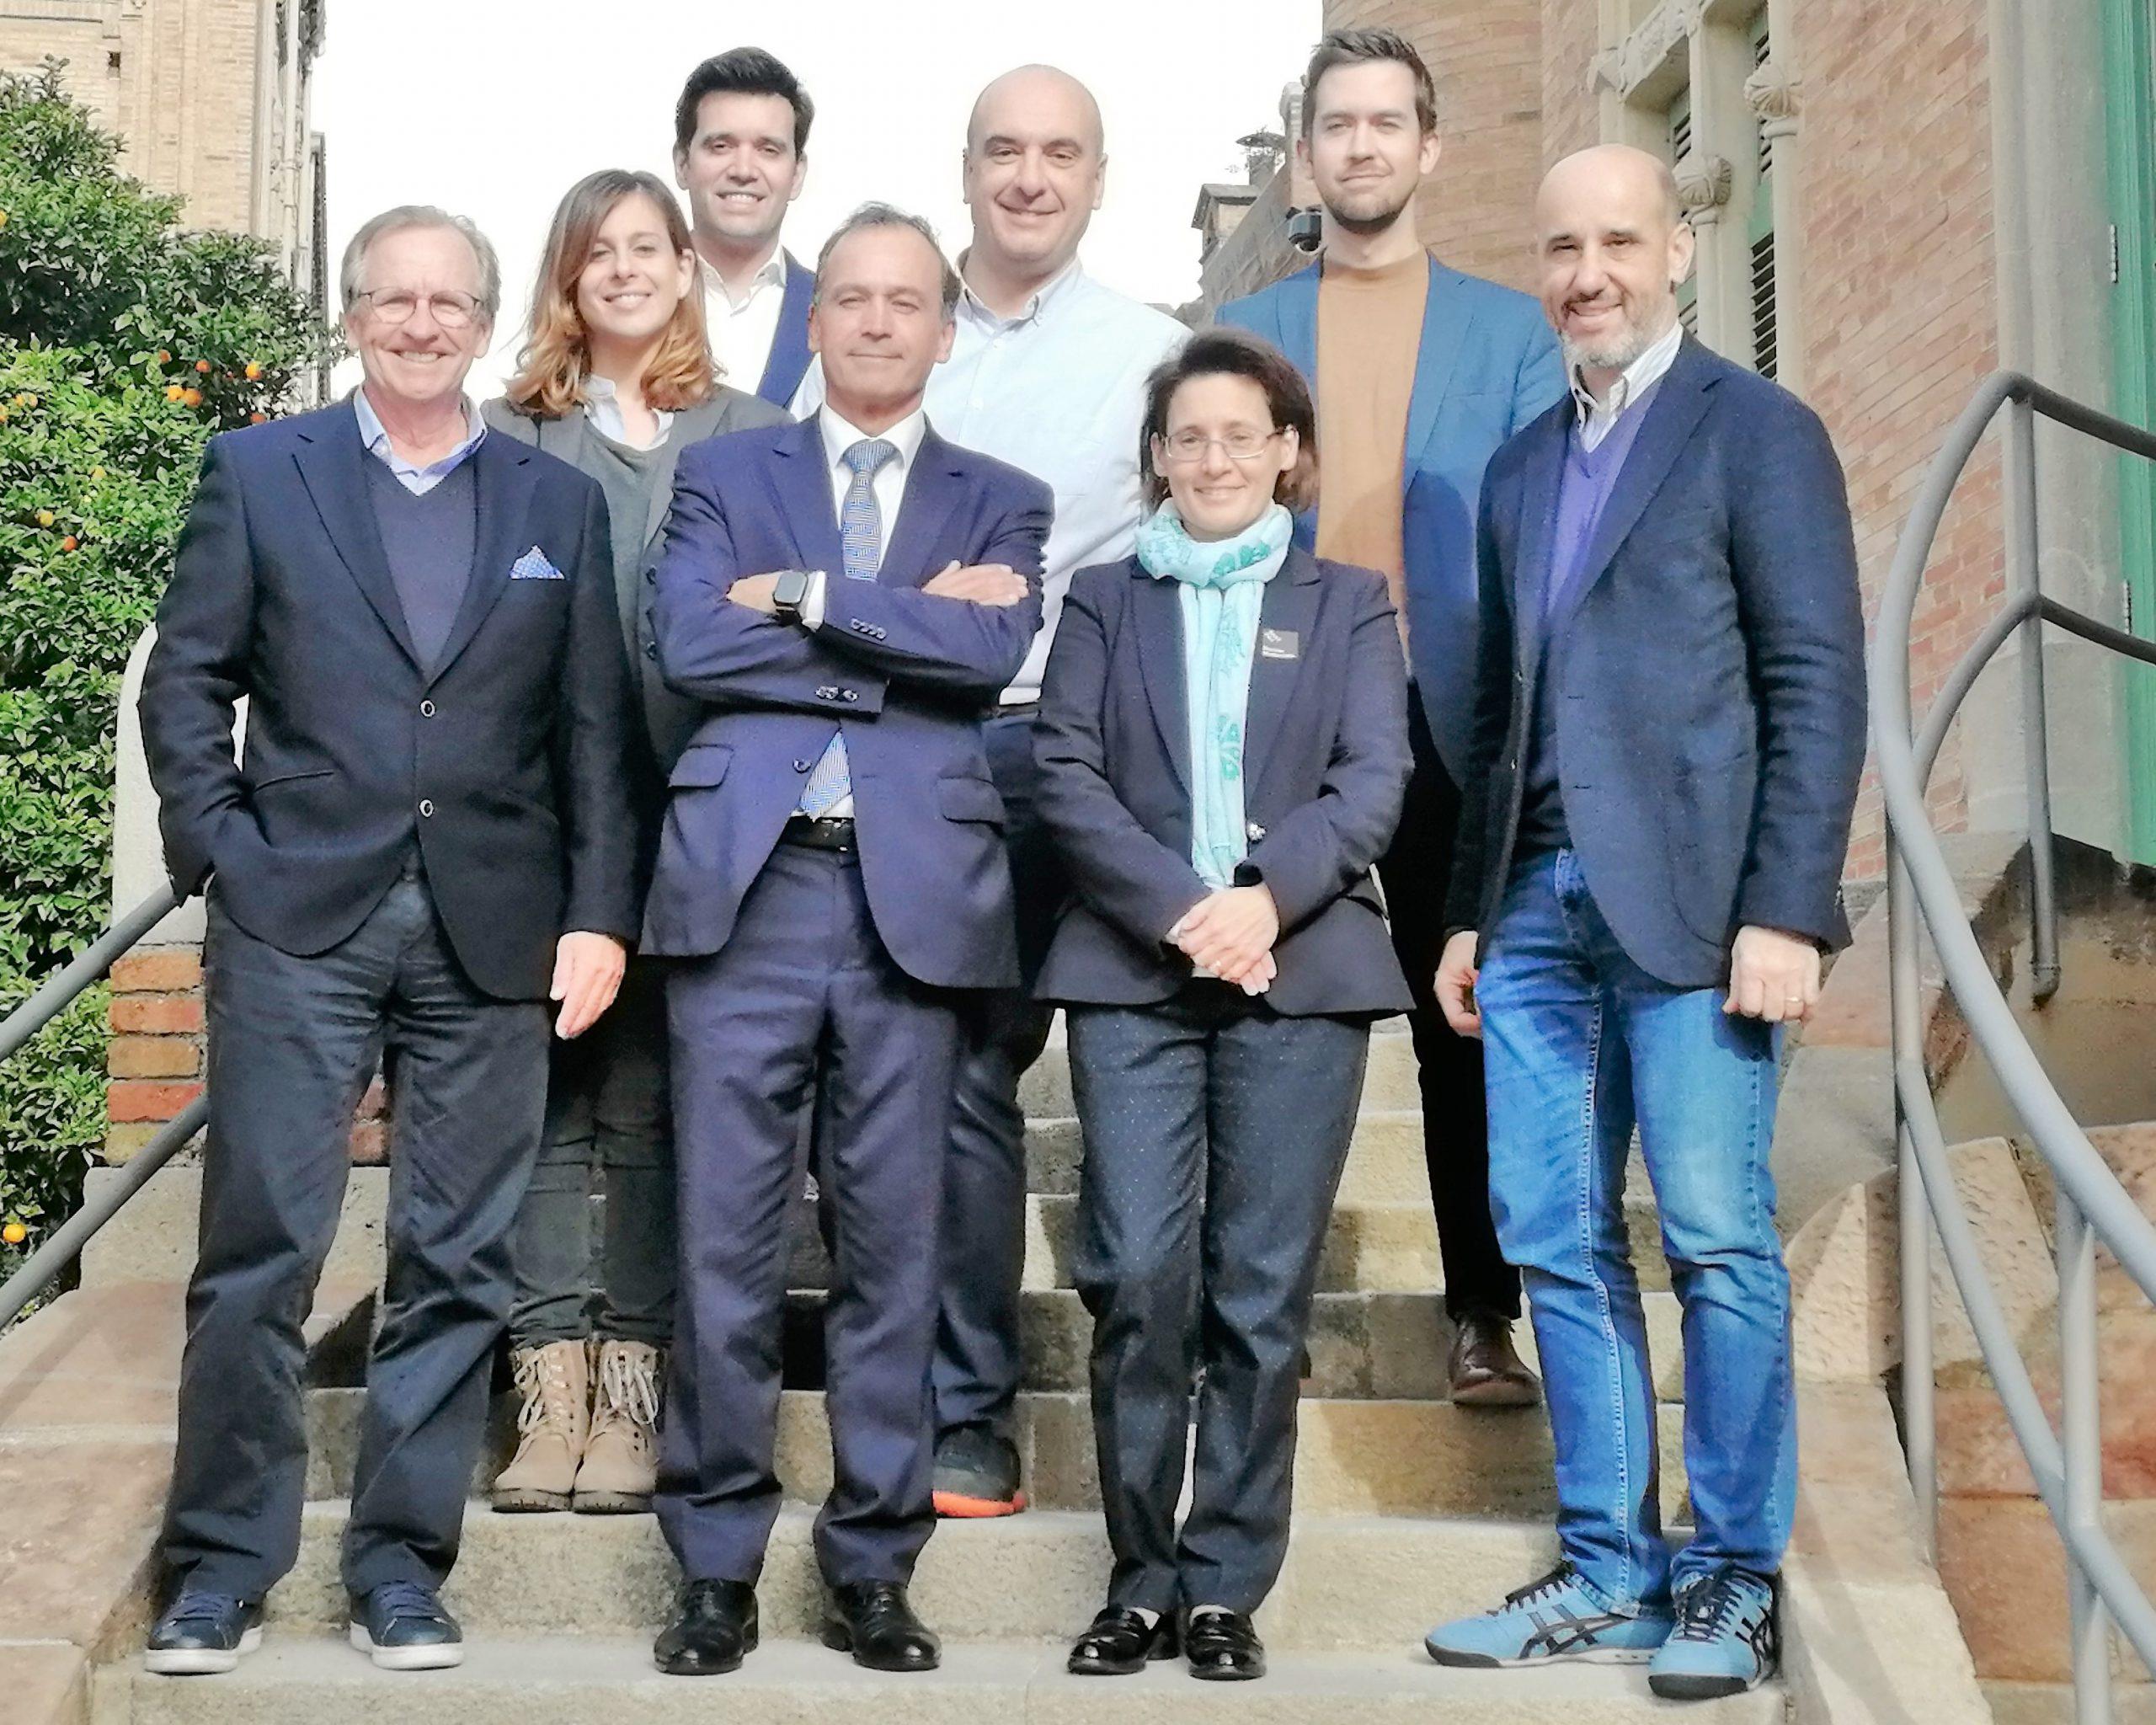 SegurCaixa Adeslas Barcelona Health Hub noticias de seguros